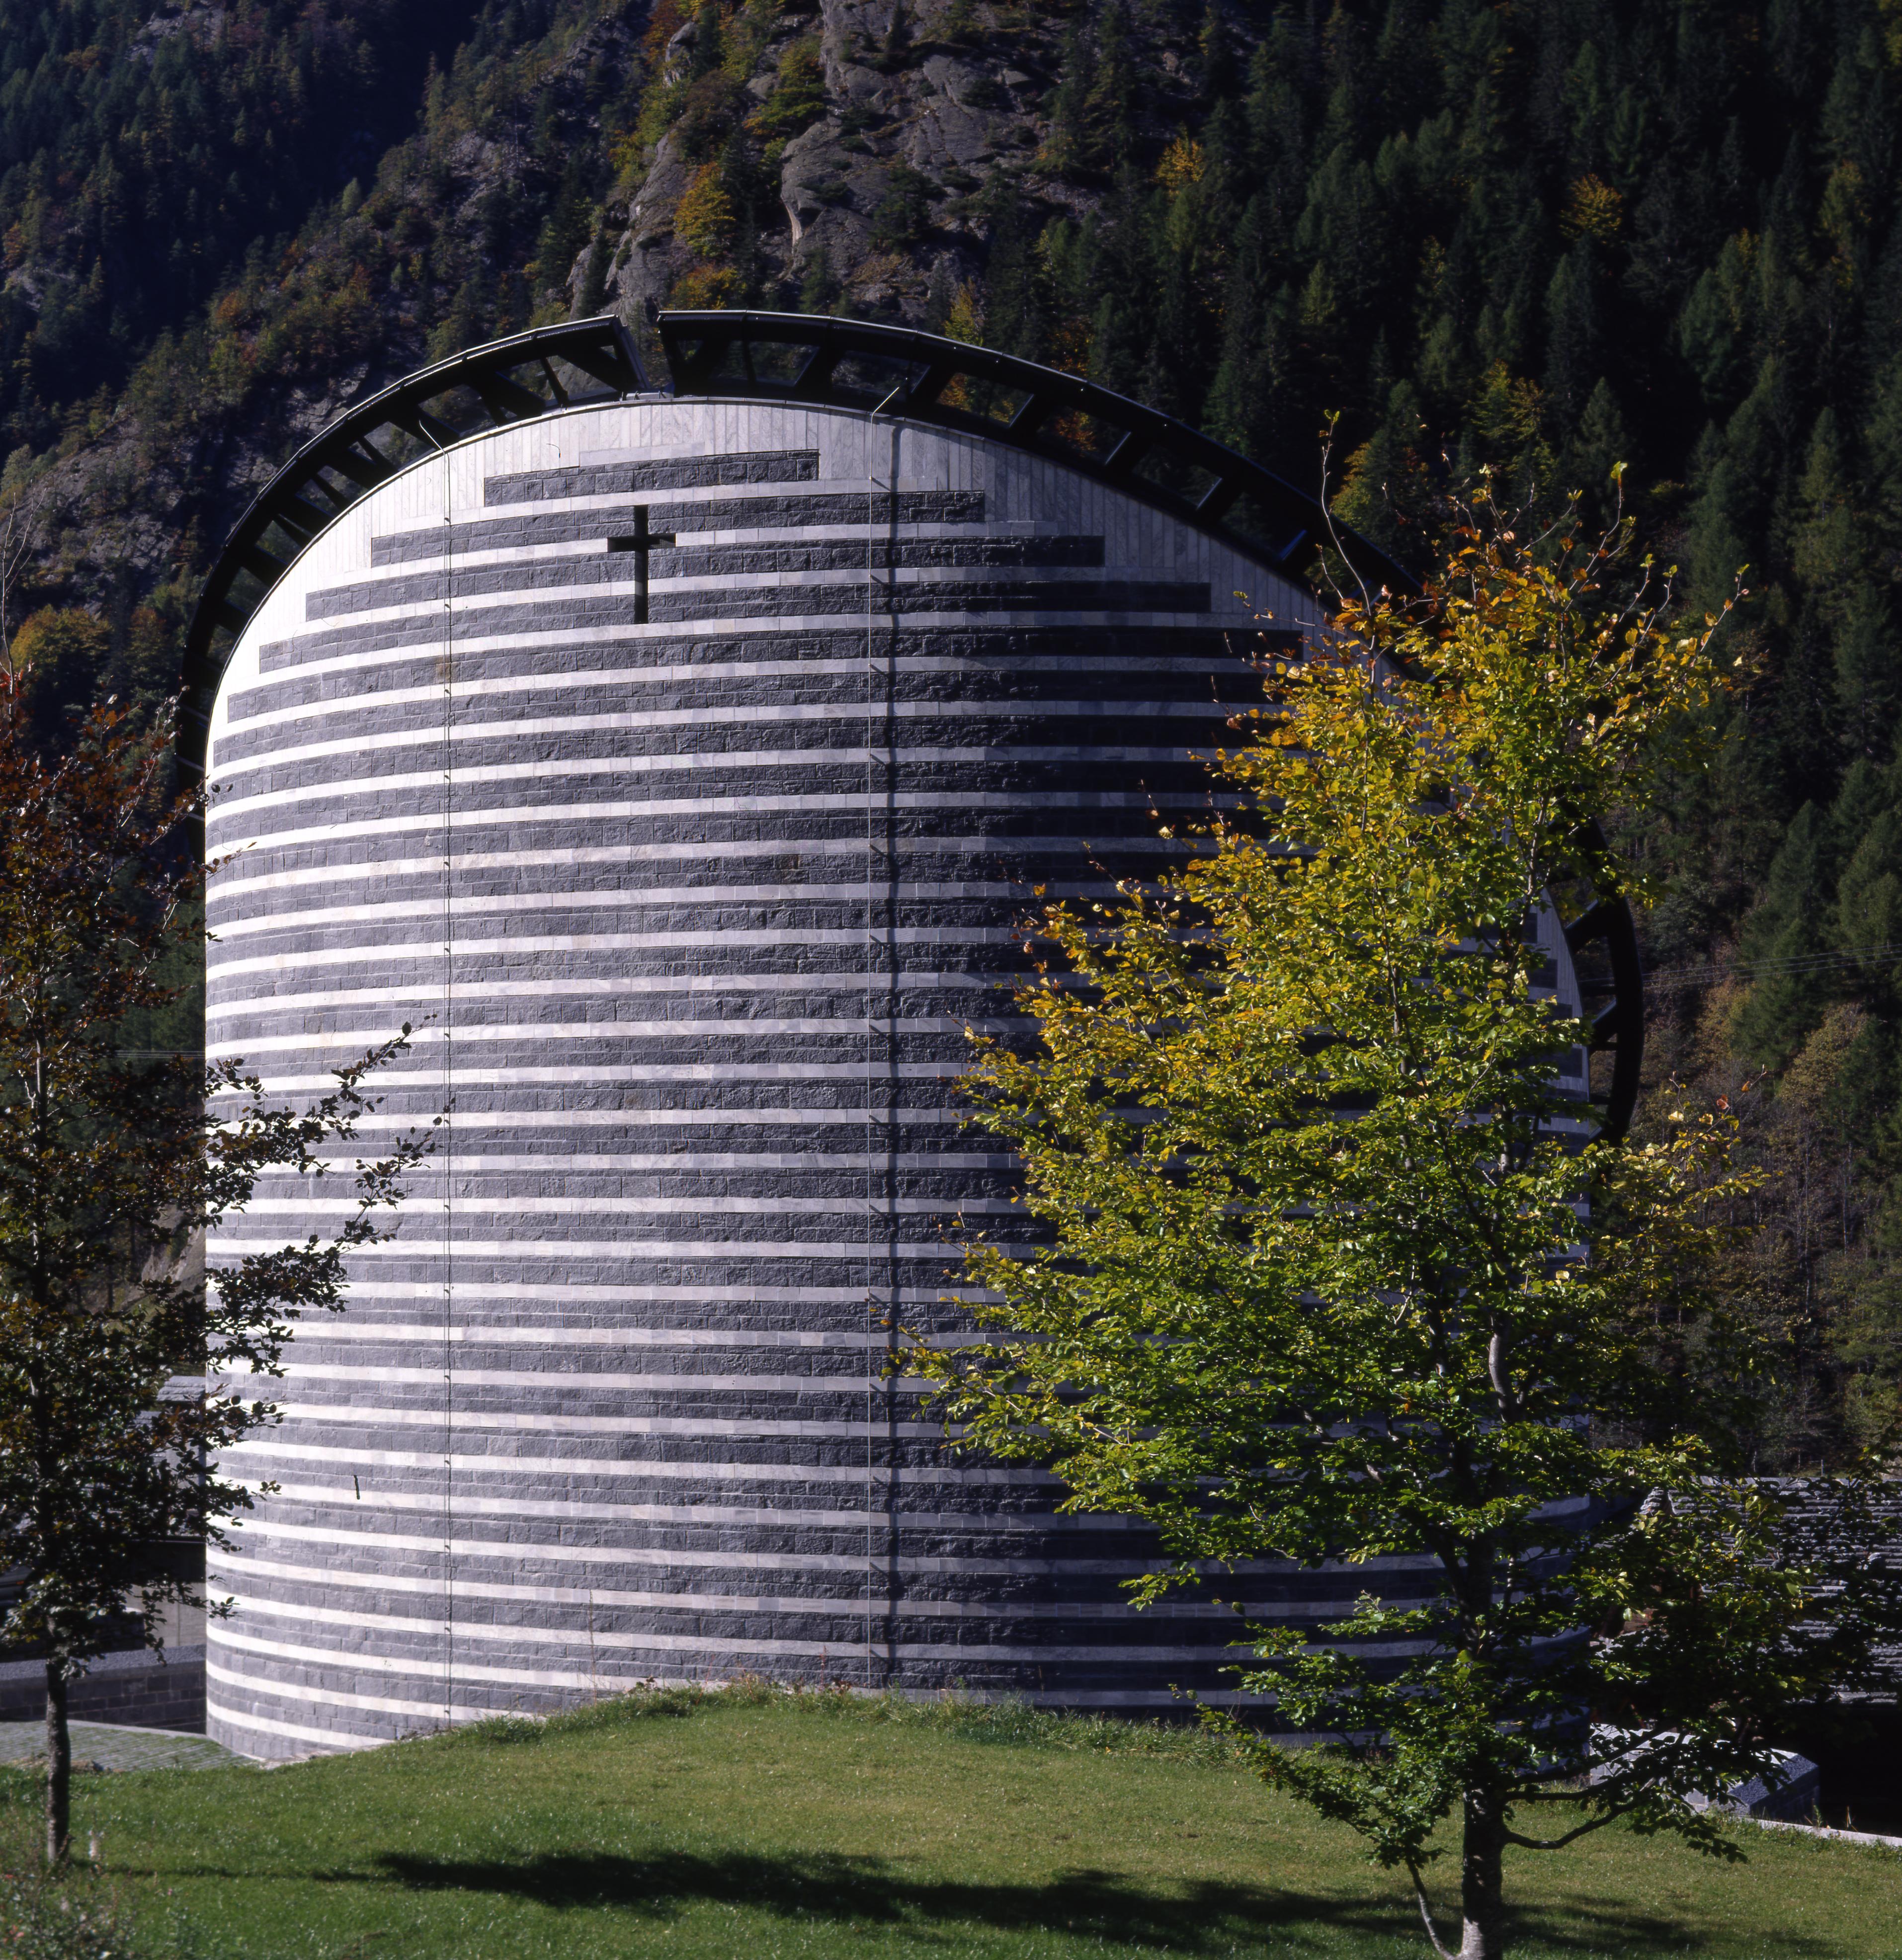 The church of Mogno